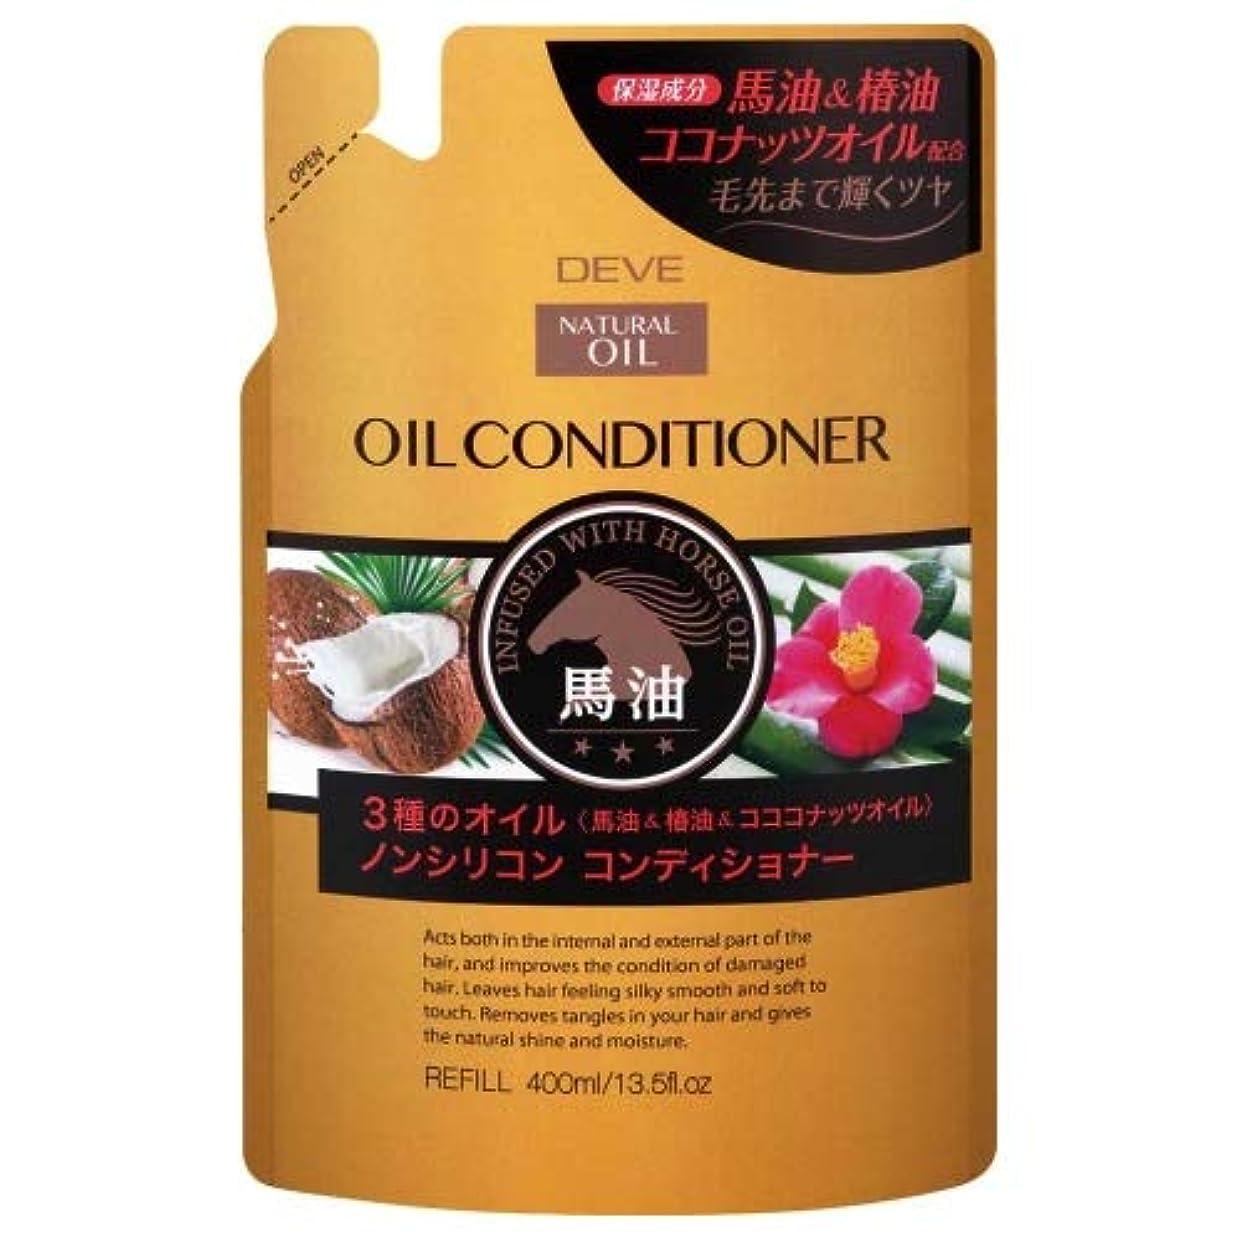 珍しい童謡チャンピオンシップ熊野油脂 ディブ 3種のオイル コンディショナー(馬油?椿油?ココナッツオイル) 400ml